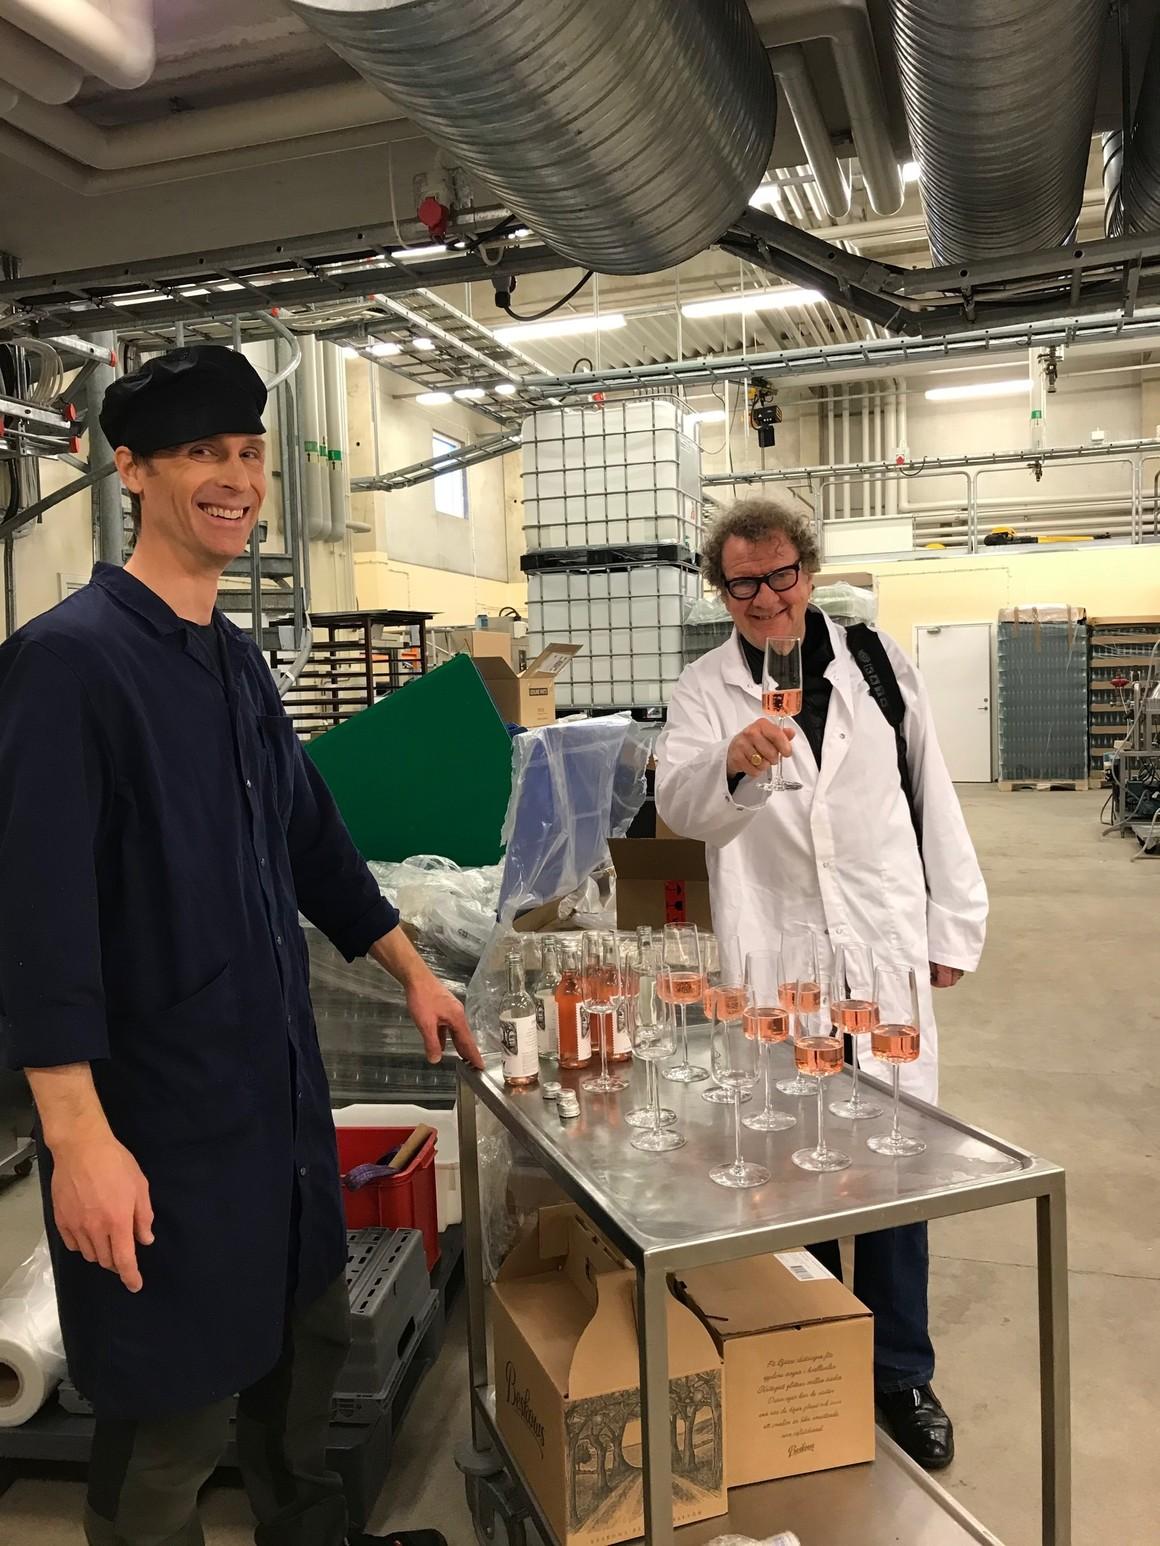 Fredrik Beskow frånBeskows drycker inledde den första träffen med att berätta om sitt företag, sin historia och sina alkoholfria drycker.